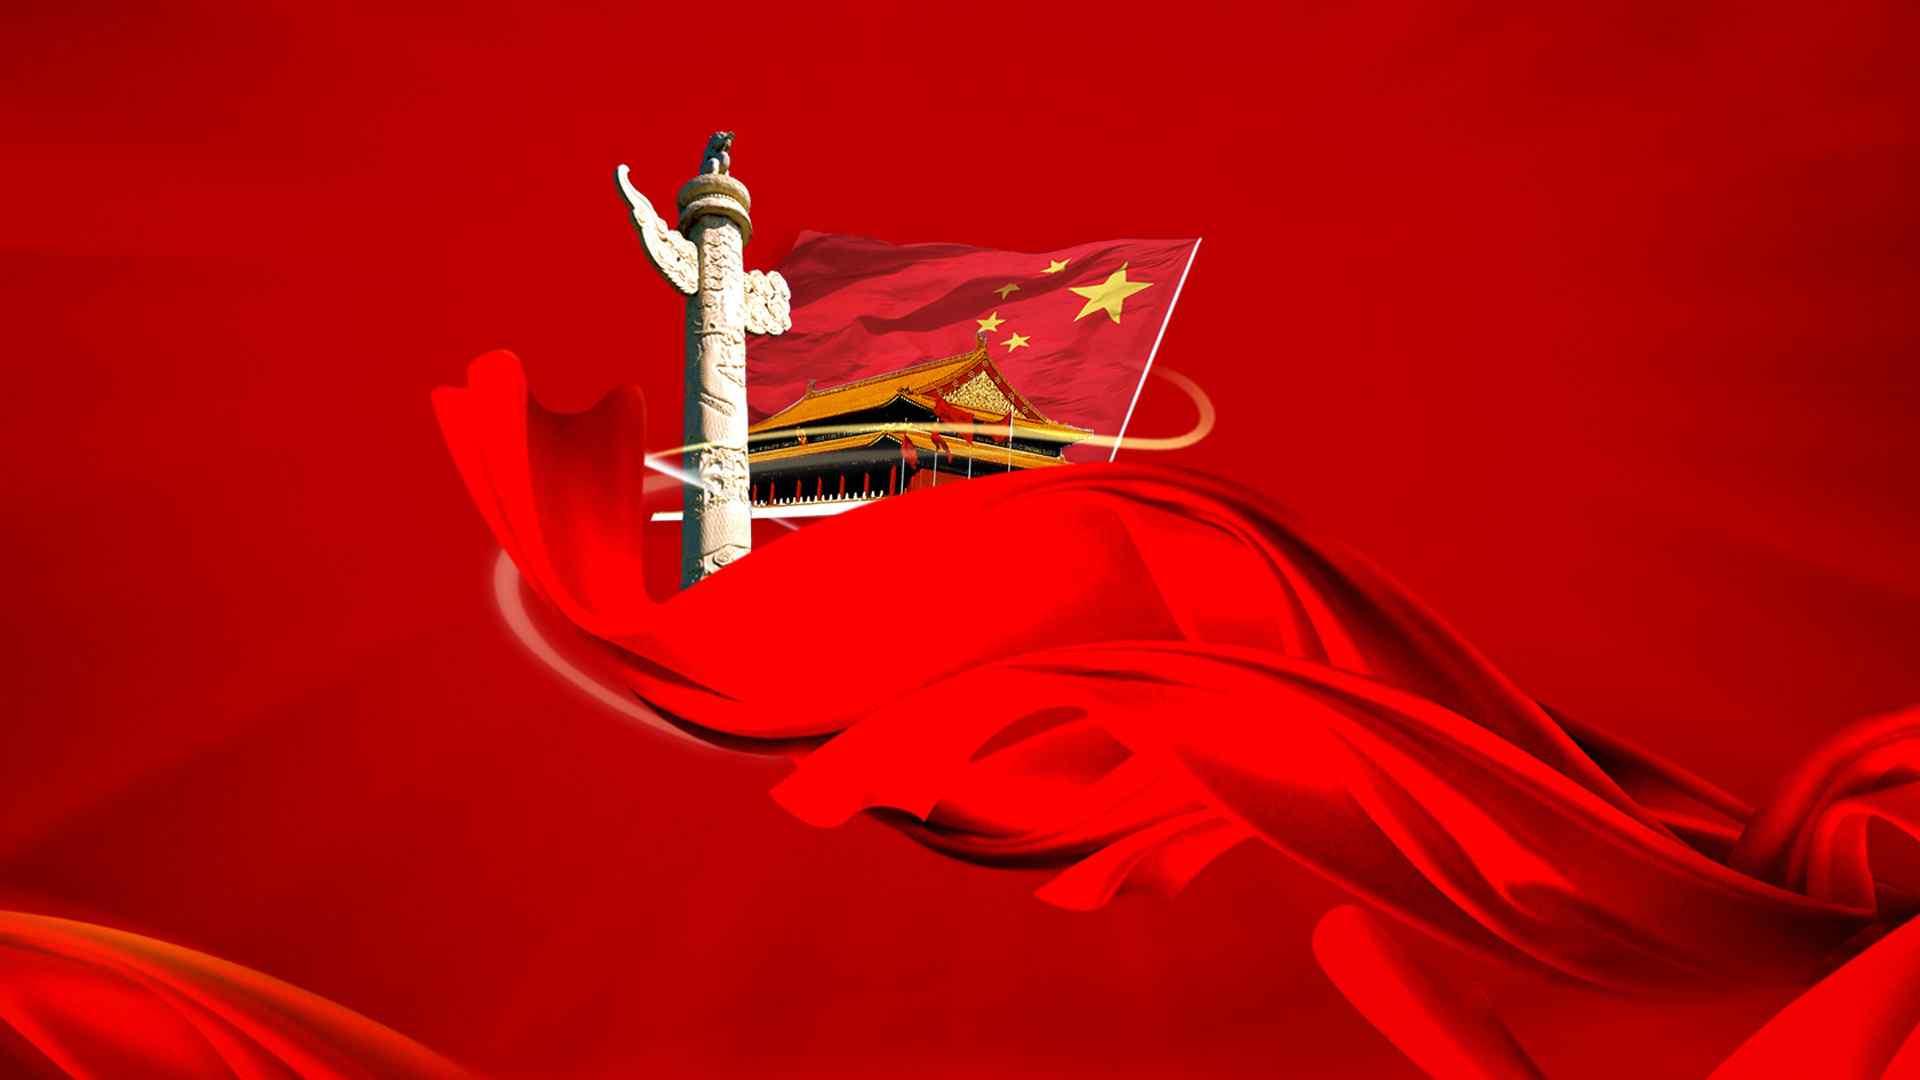 十一国庆节大红色素材海报壁纸